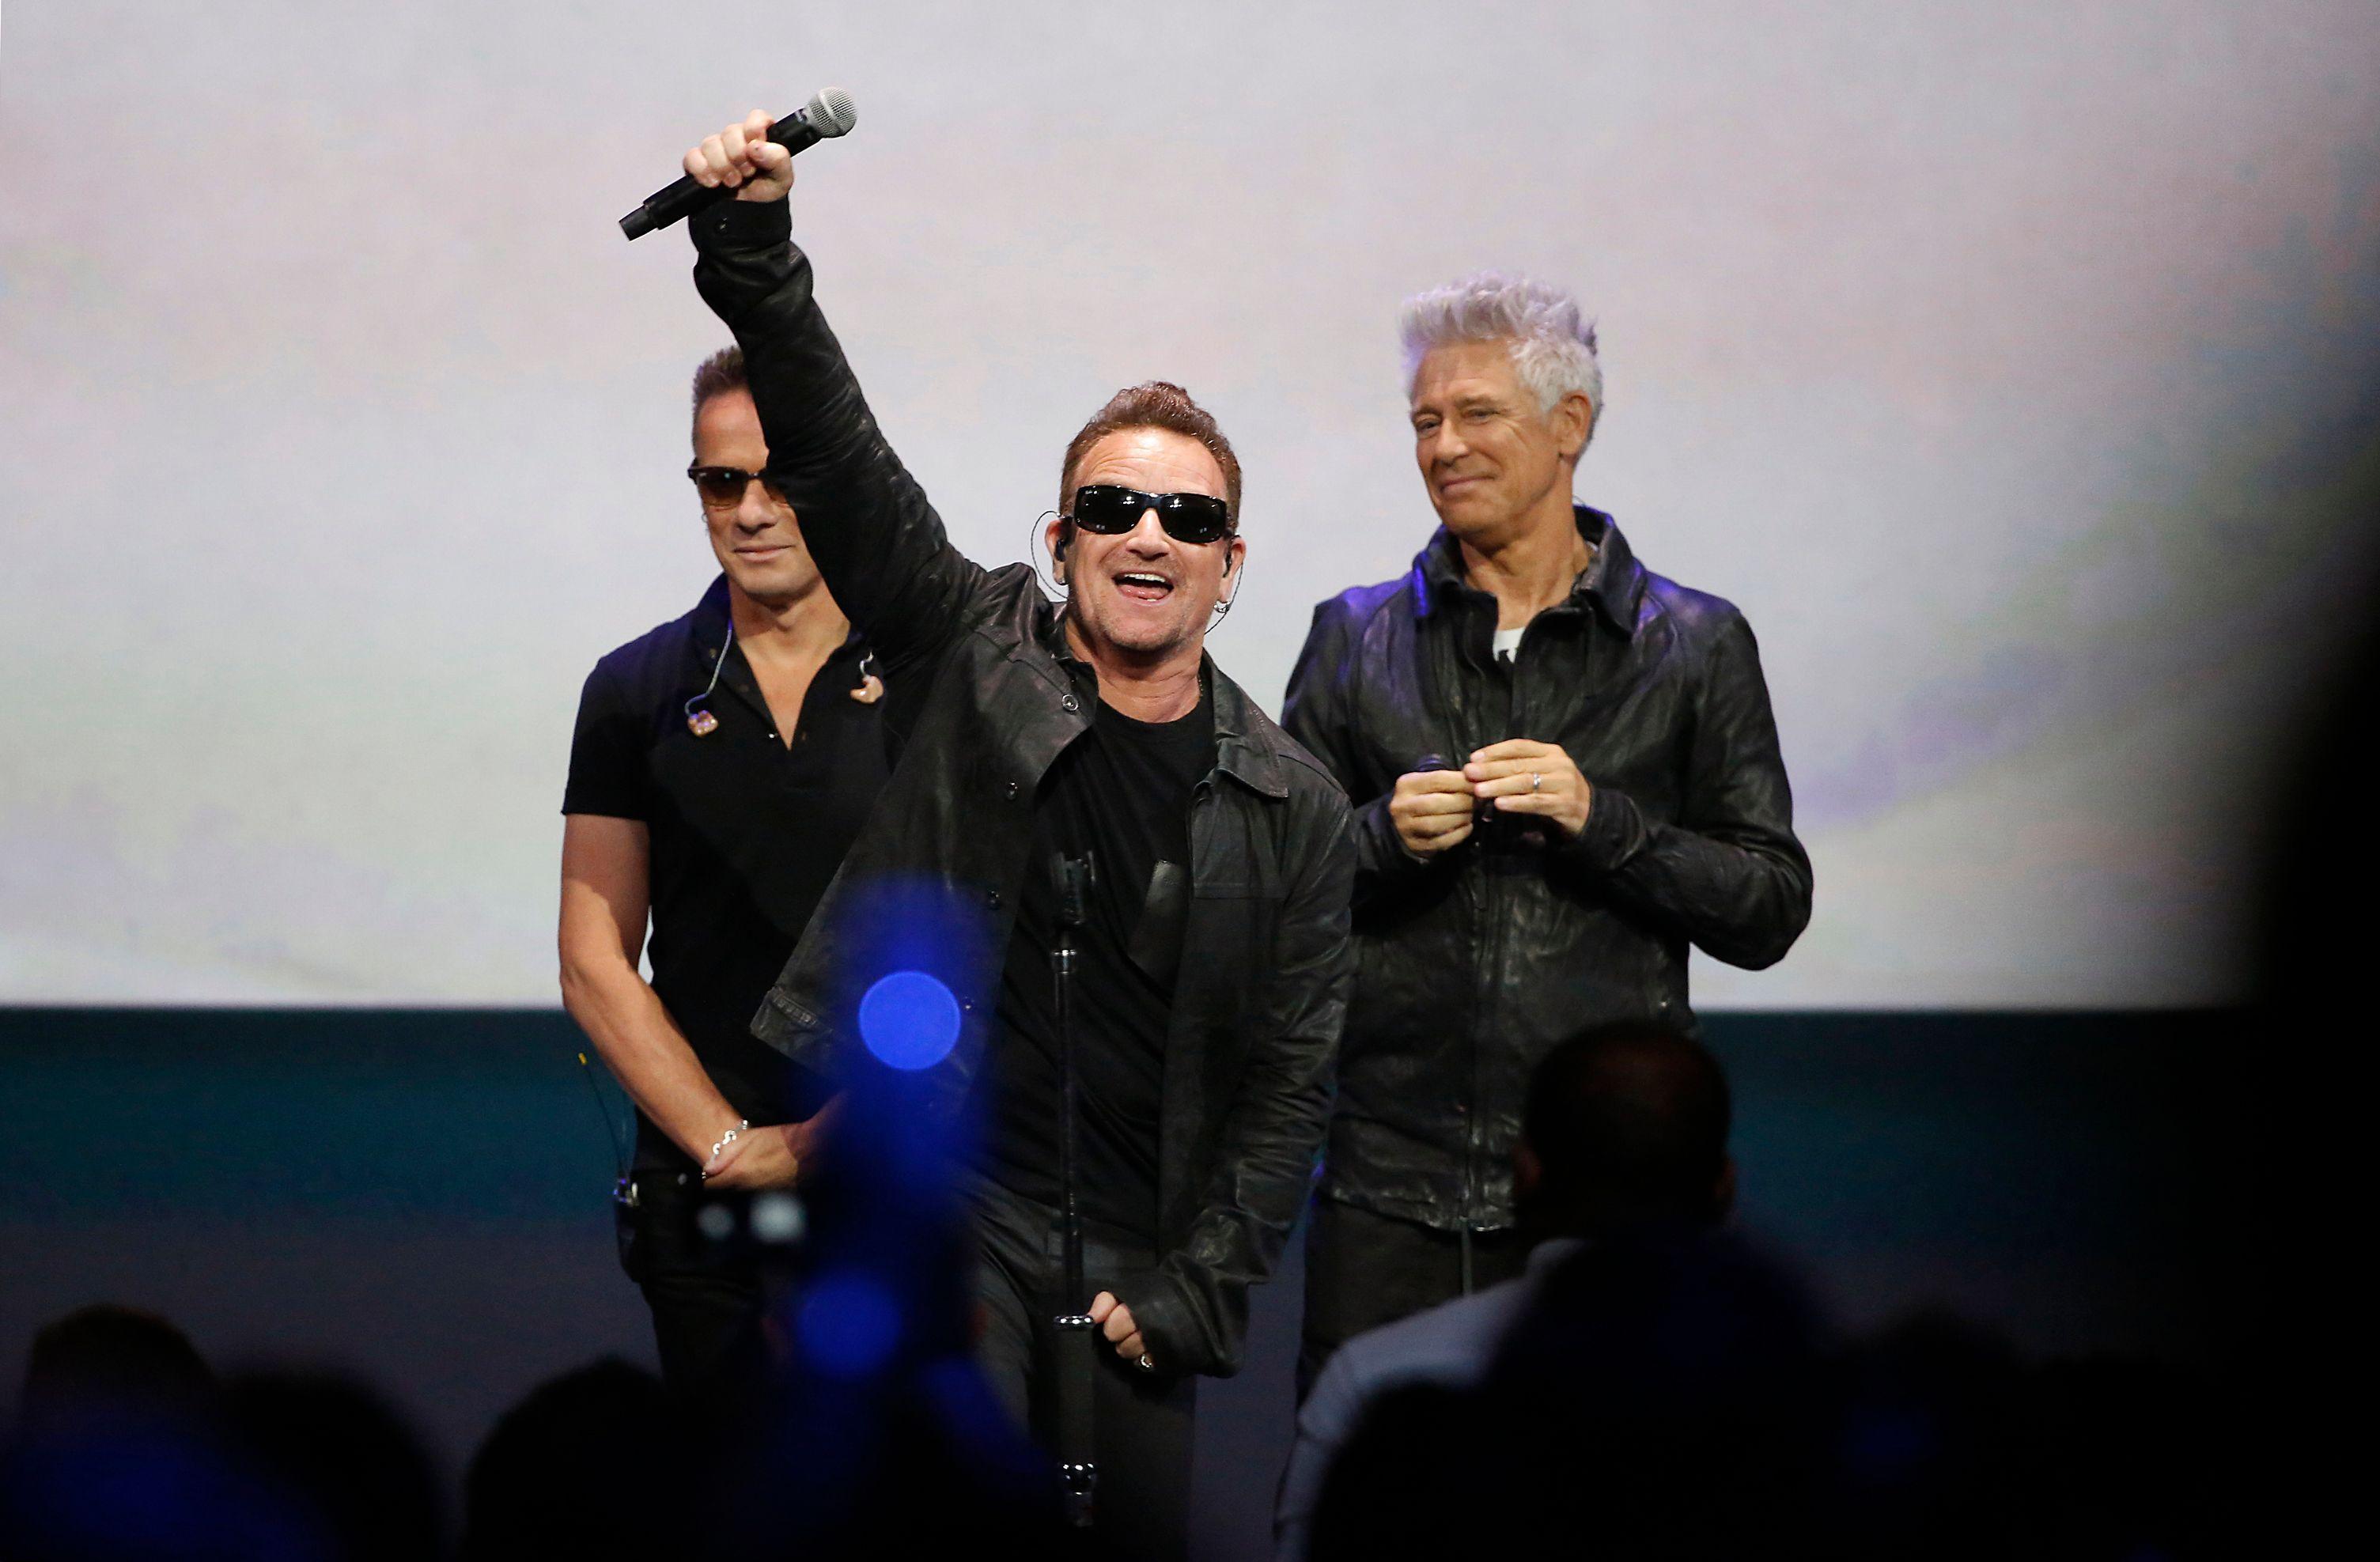 Bono (U2) était à Nice pendant le massacre, et a dû être escorté par la police